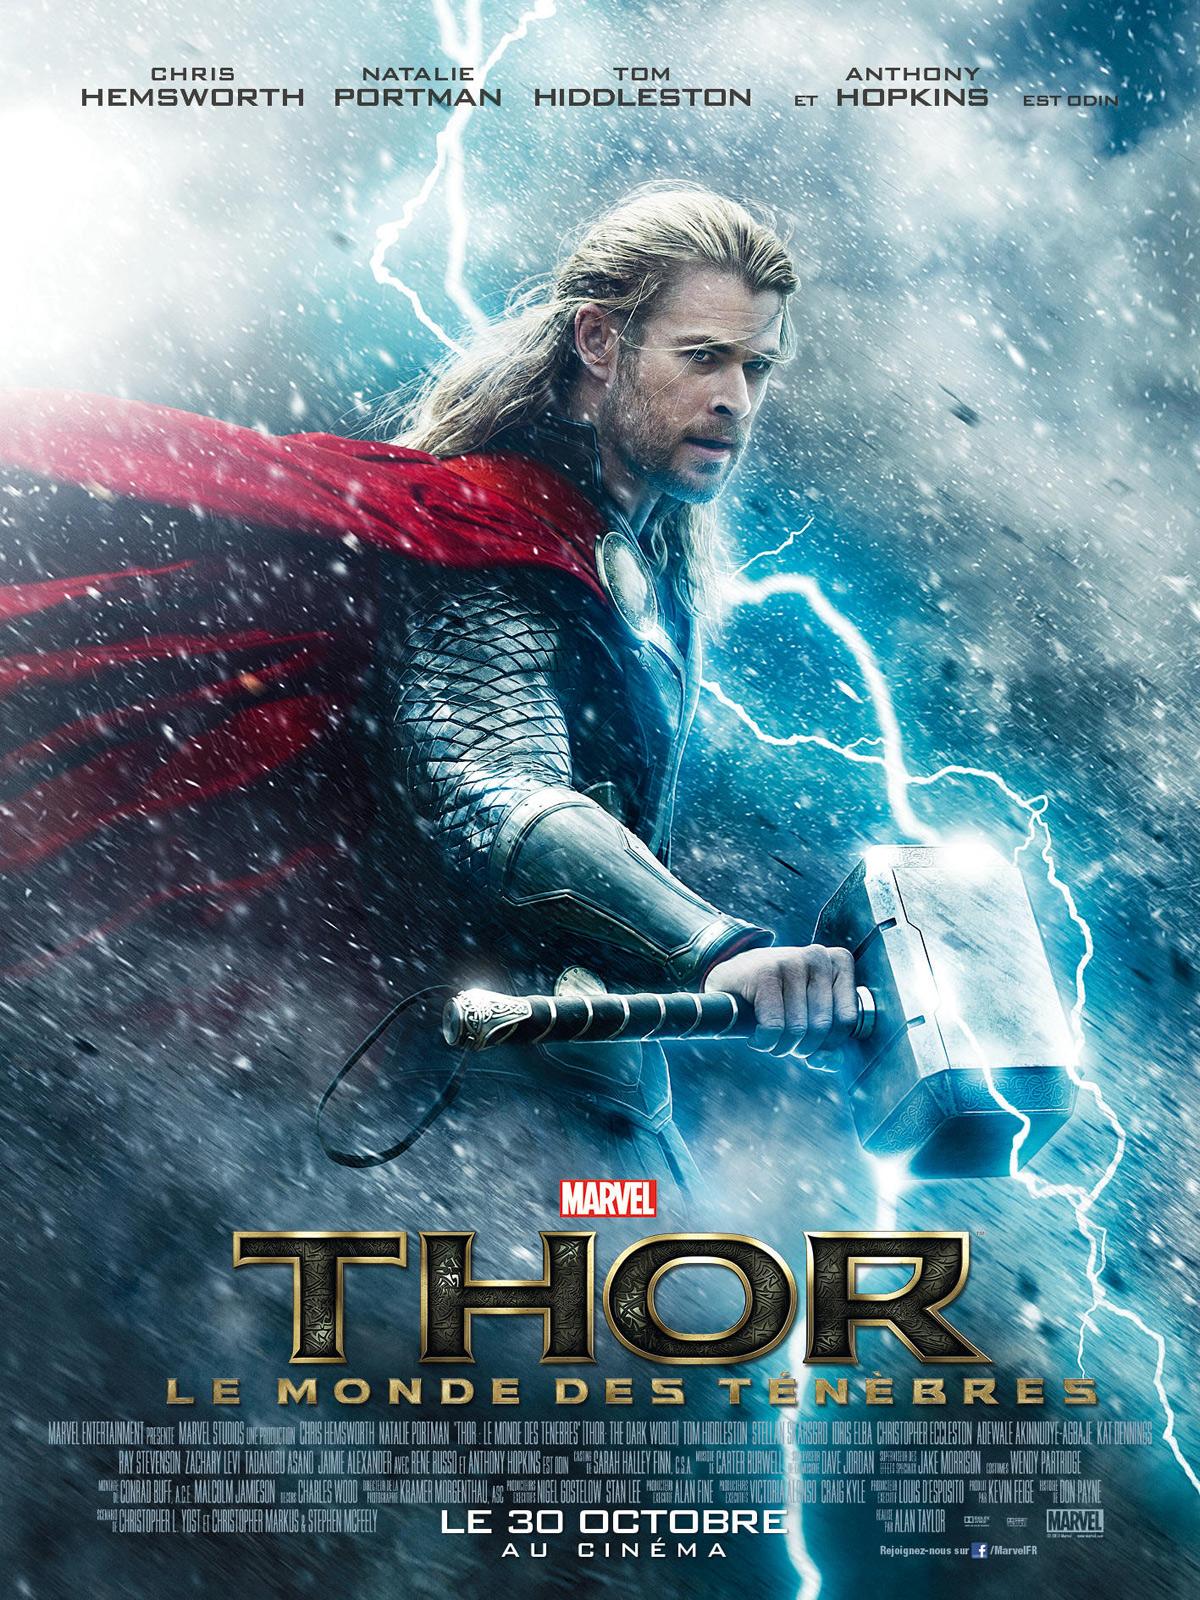 Thor : Le Monde des ténèbres - film 2013 - AlloCiné